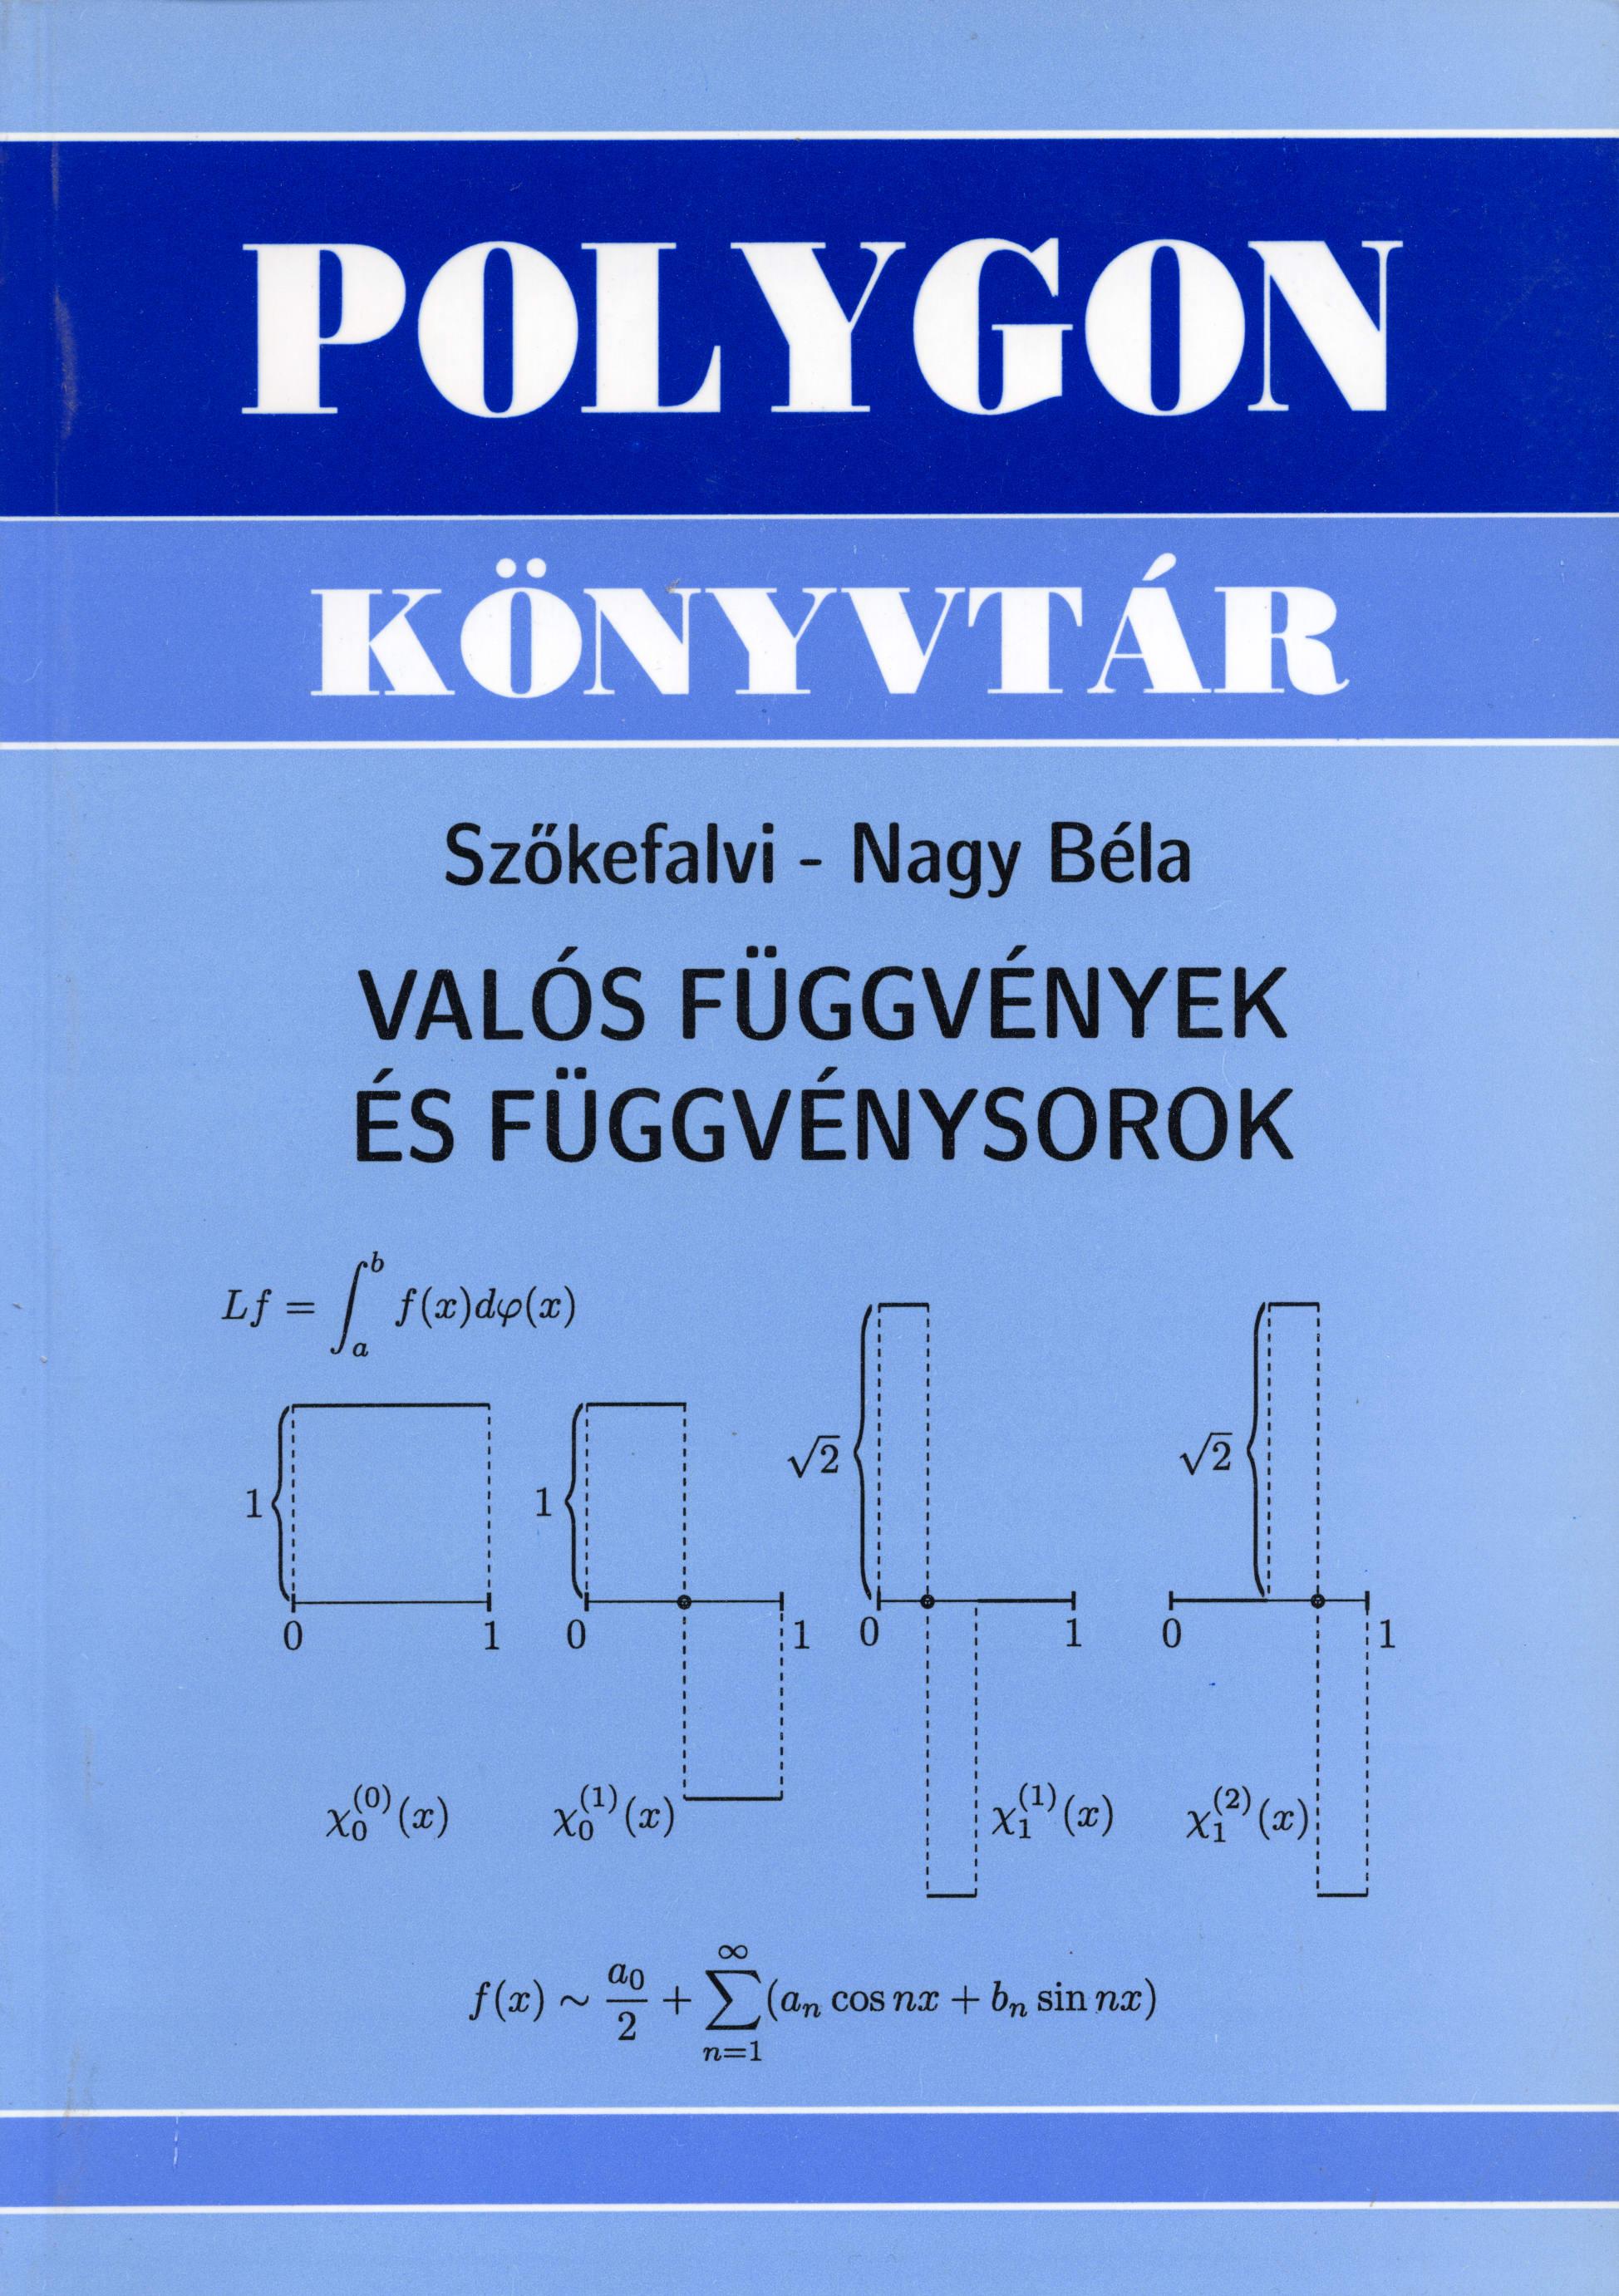 Valós függvények és függvénysorok - Polygon jegyzet